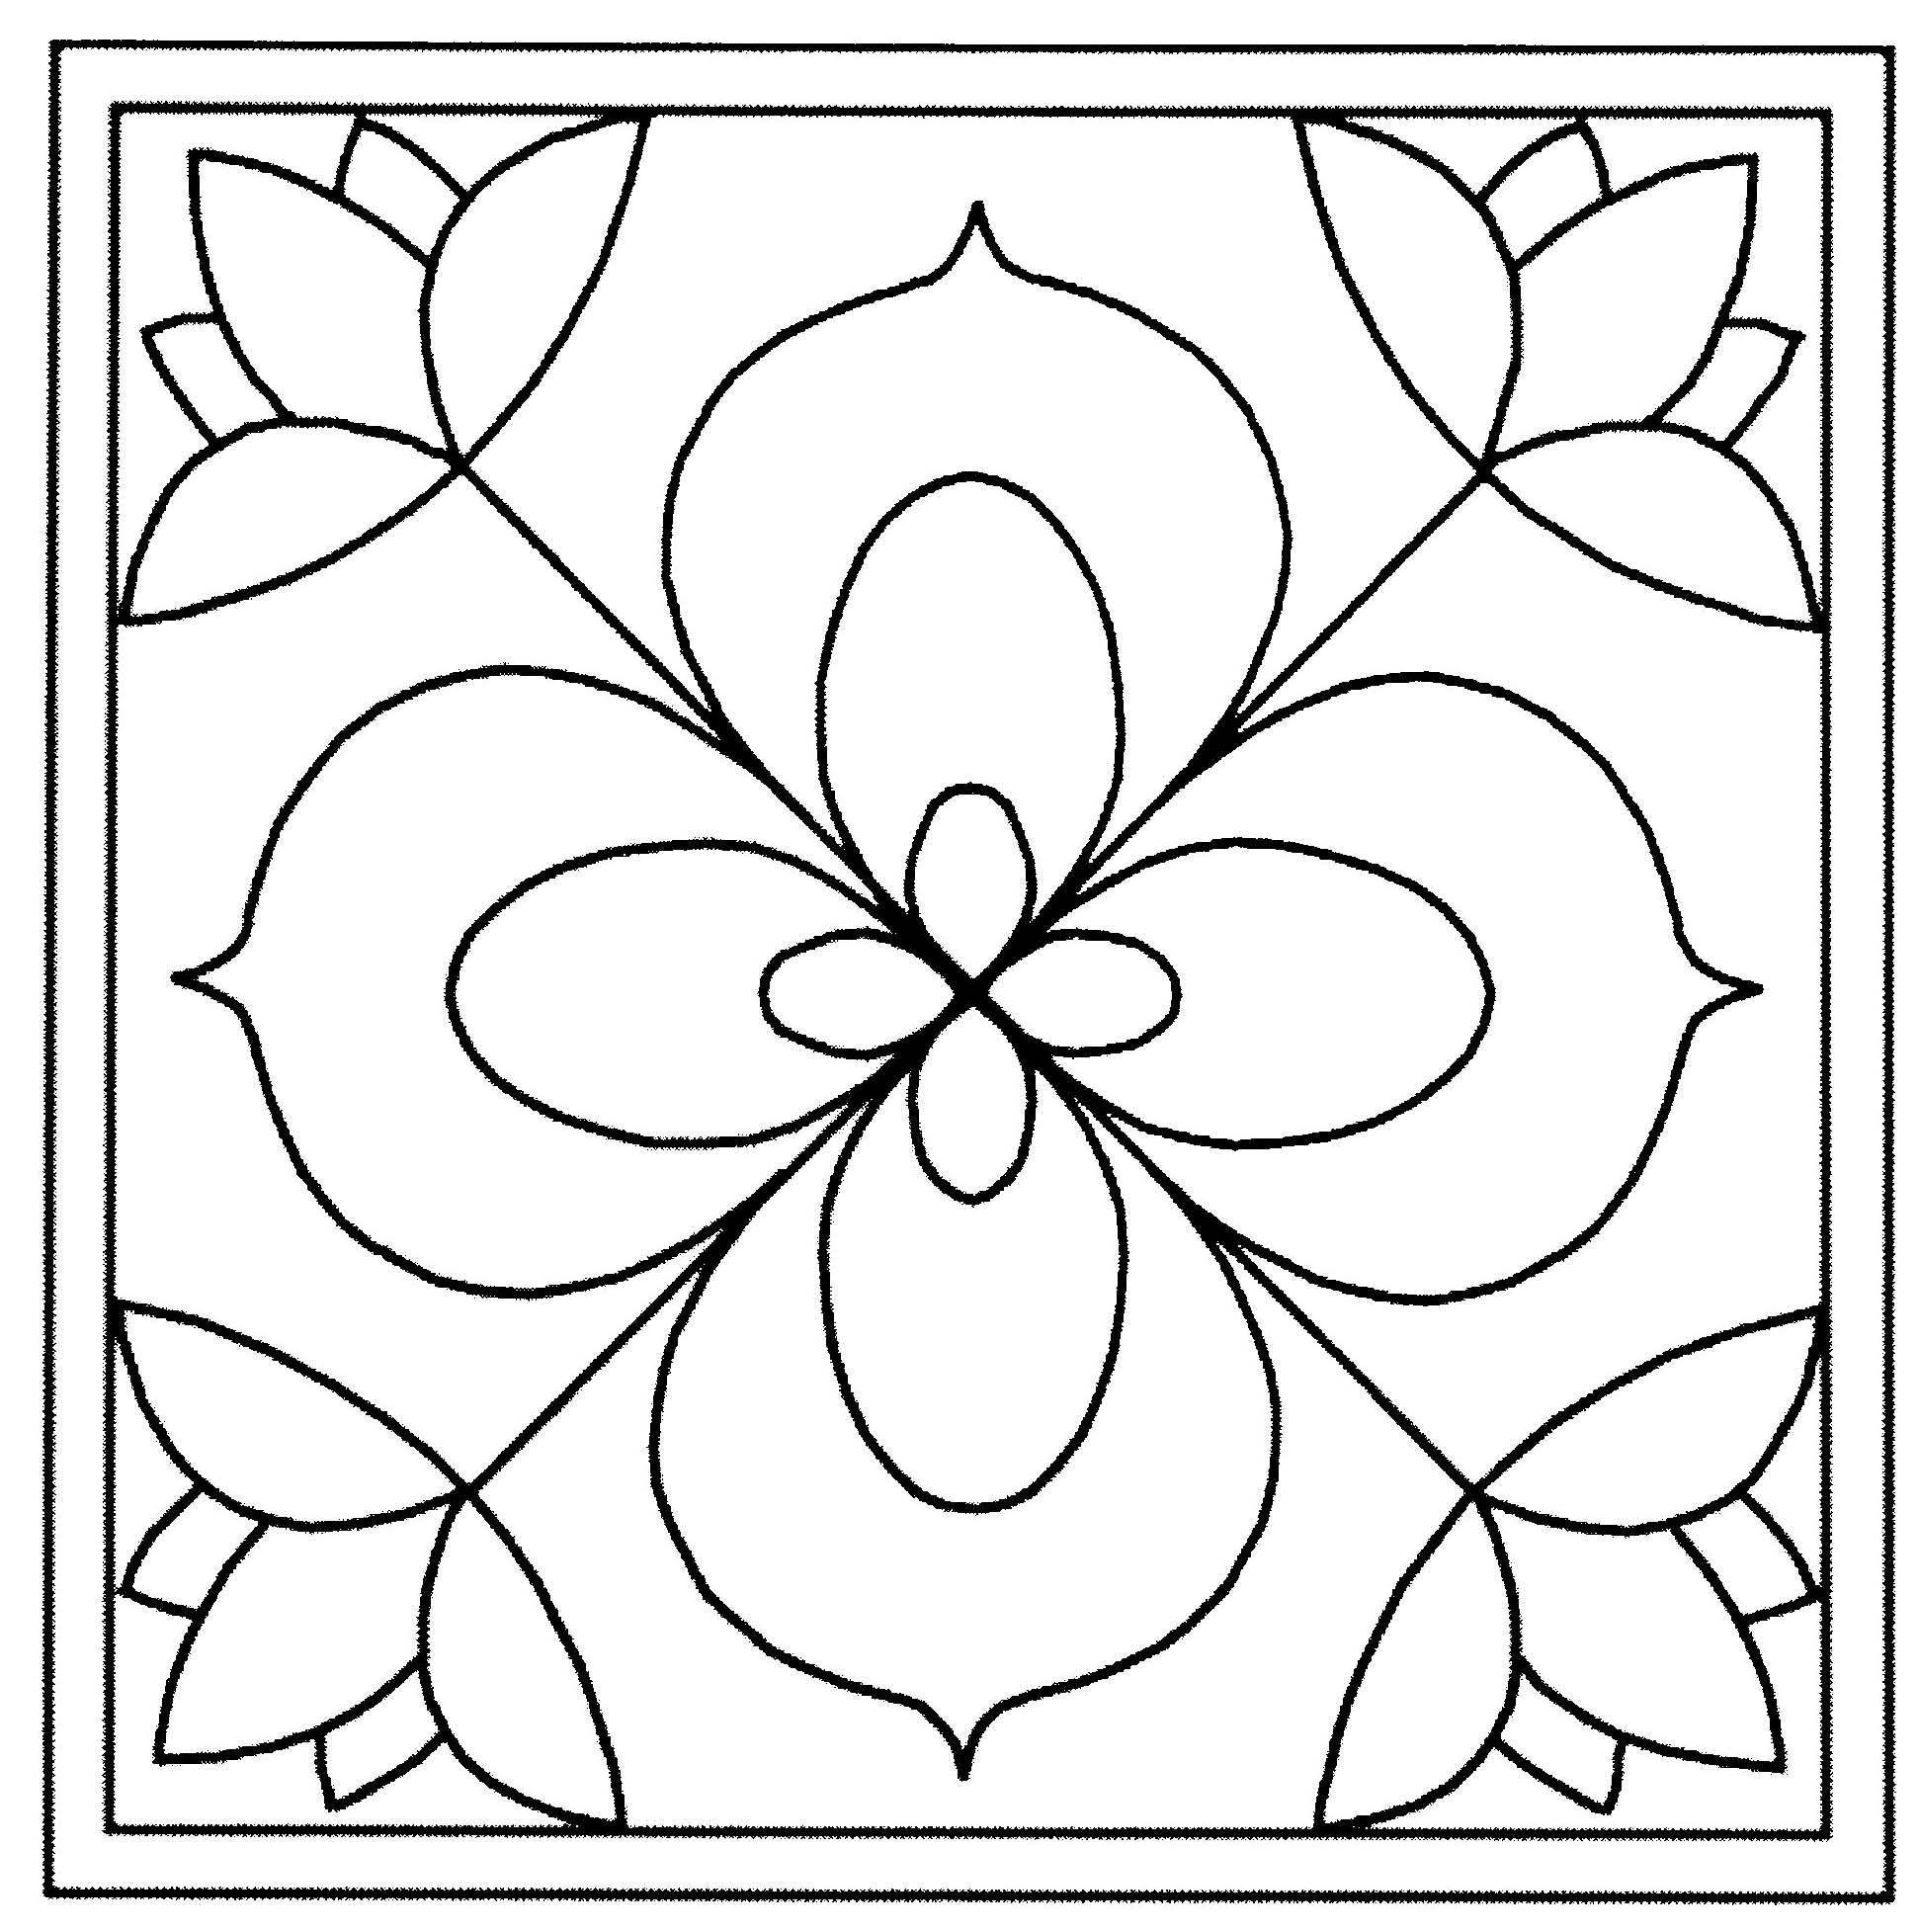 Coloriage fleur et plante - Coloriage fleur bleuet ...